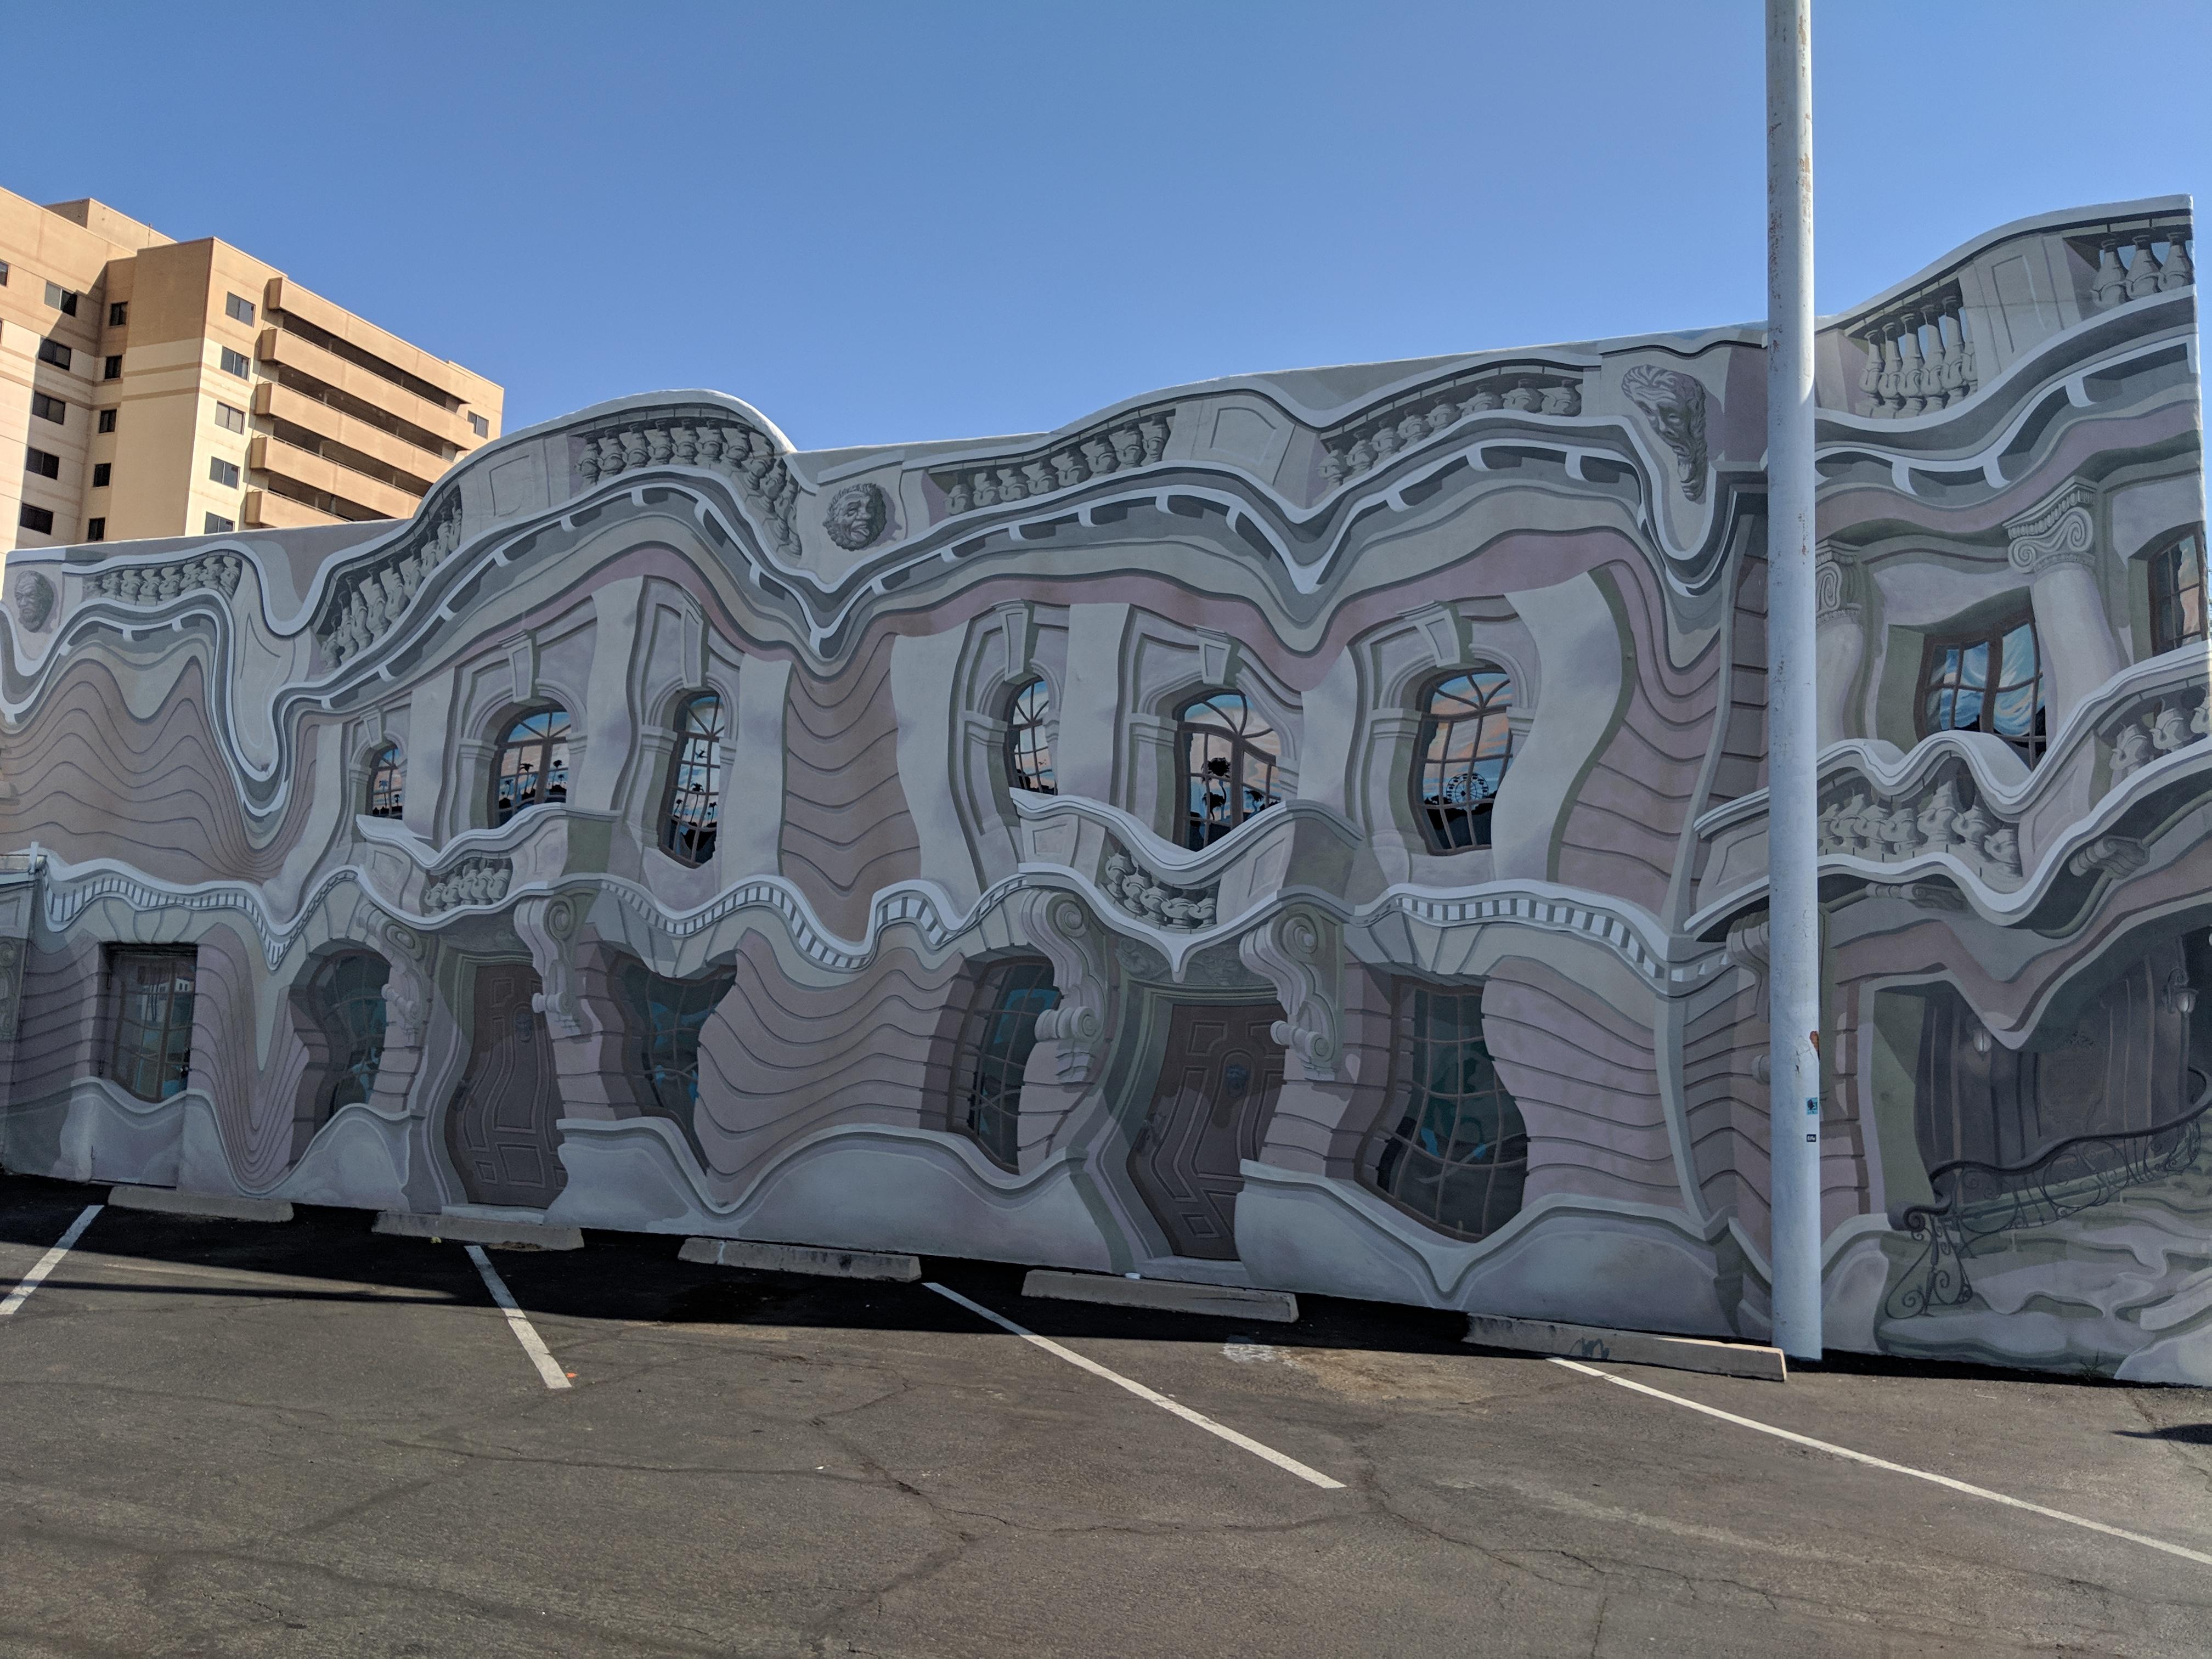 Mesa, AZ (Nov 11, 2018) Murals – Cimino Adventures